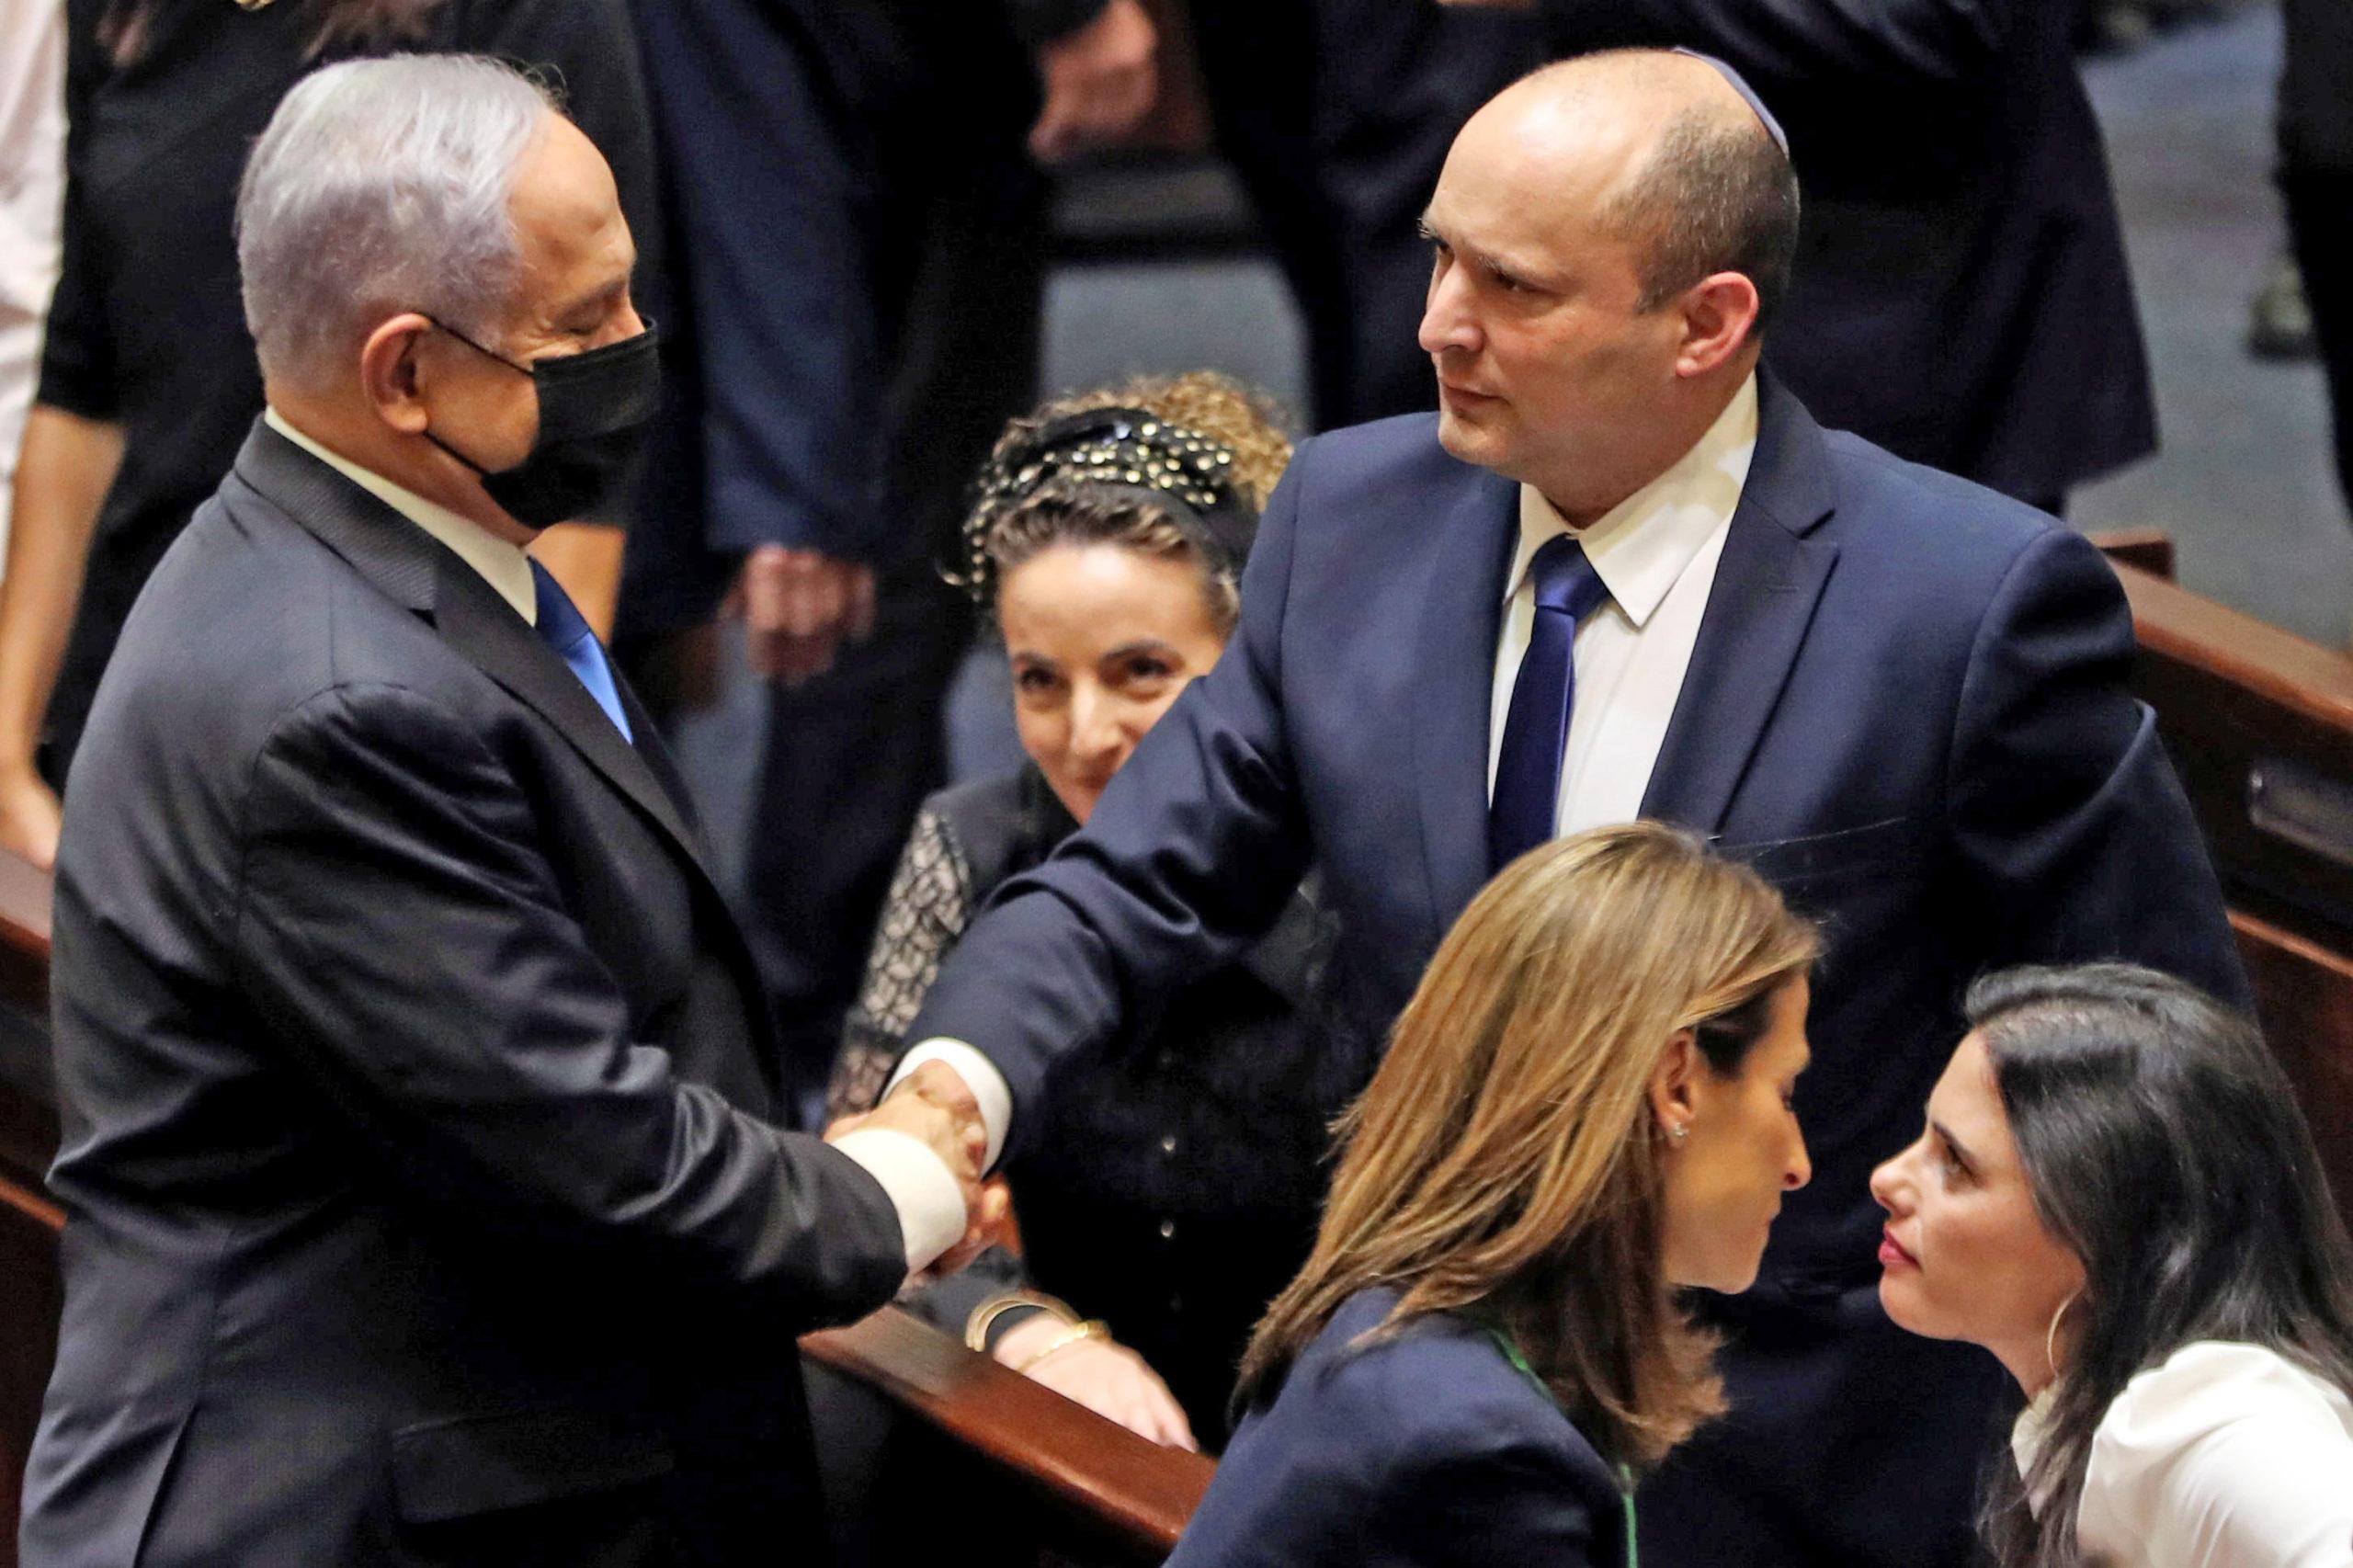 End Of An Era Netanyahu Out, Bennett In Israel